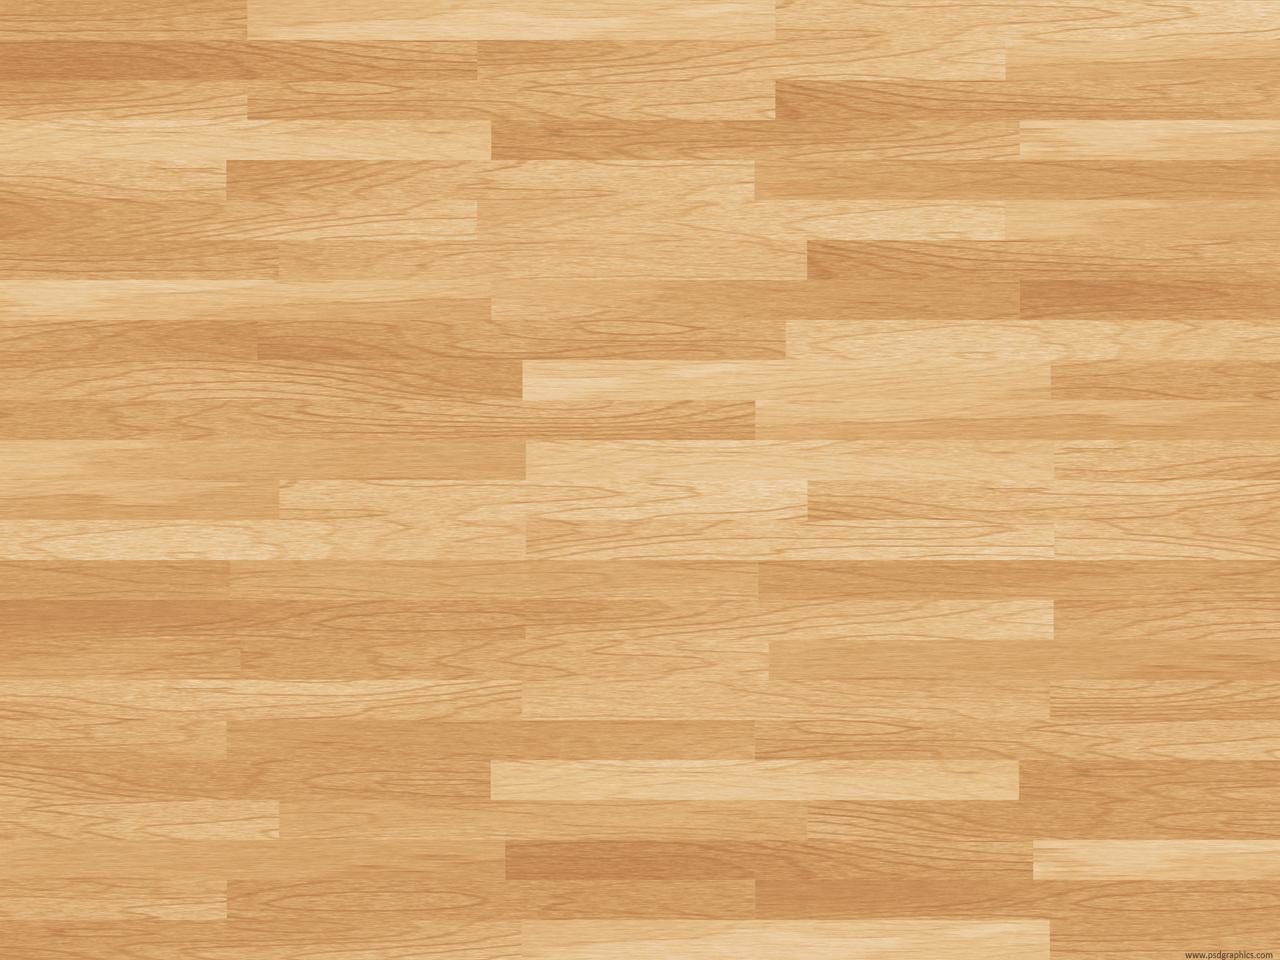 wood floor texture wallpaper